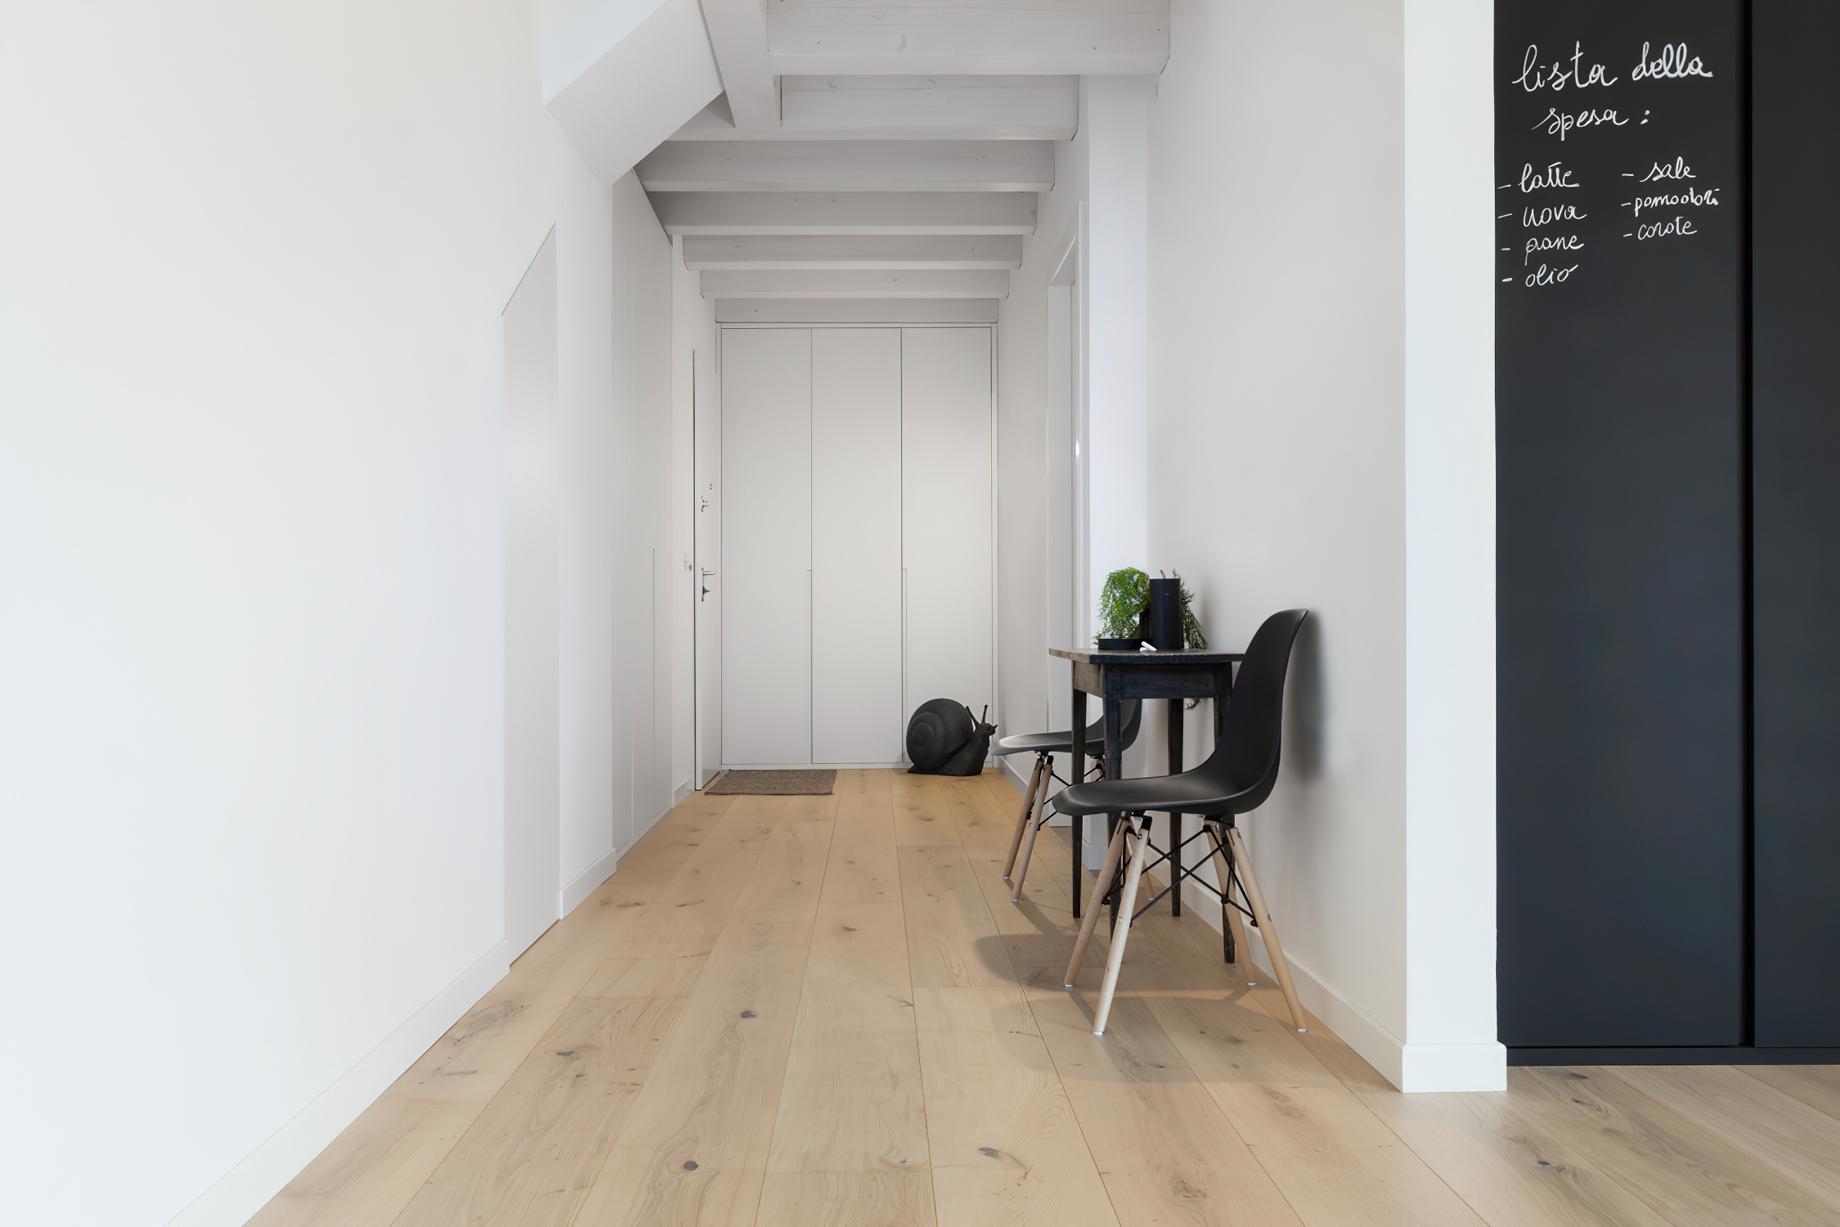 Attico Vicenza Interior Design Venice, Italy – Anna Laura Businaro